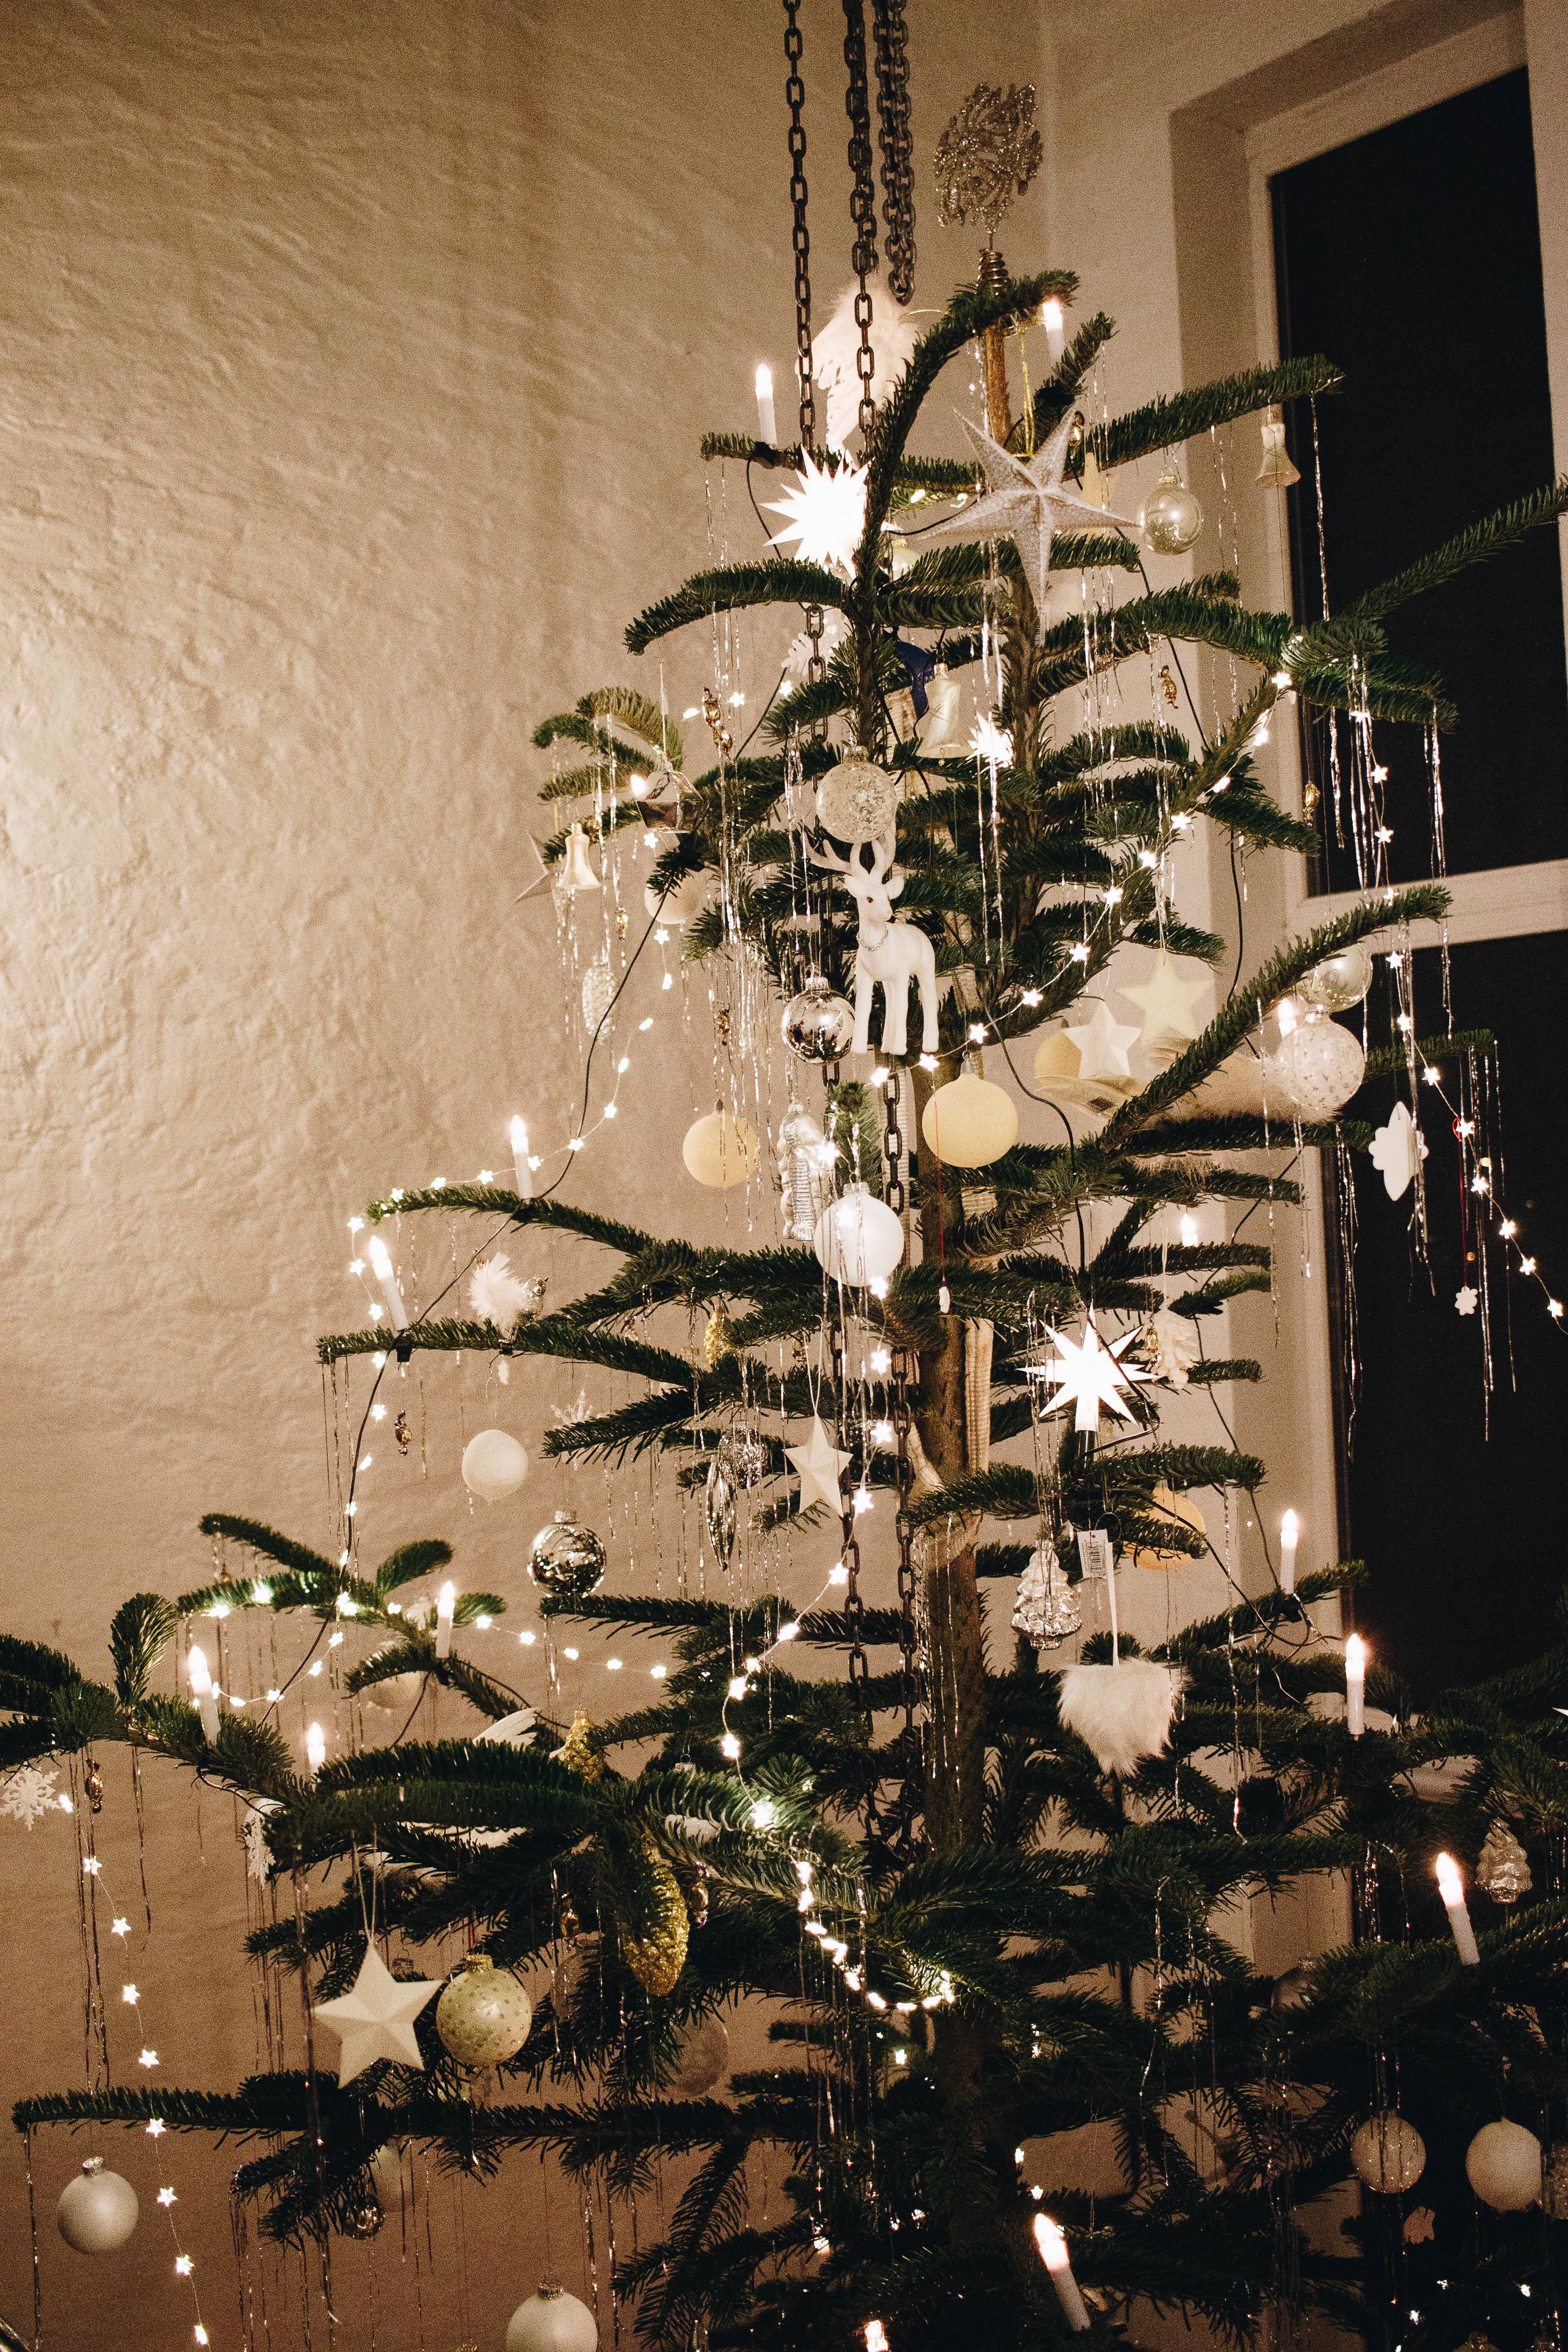 väterchen frost-engelsdorf-leipzig-weihnachtswerkstatt-annabelle sagt27